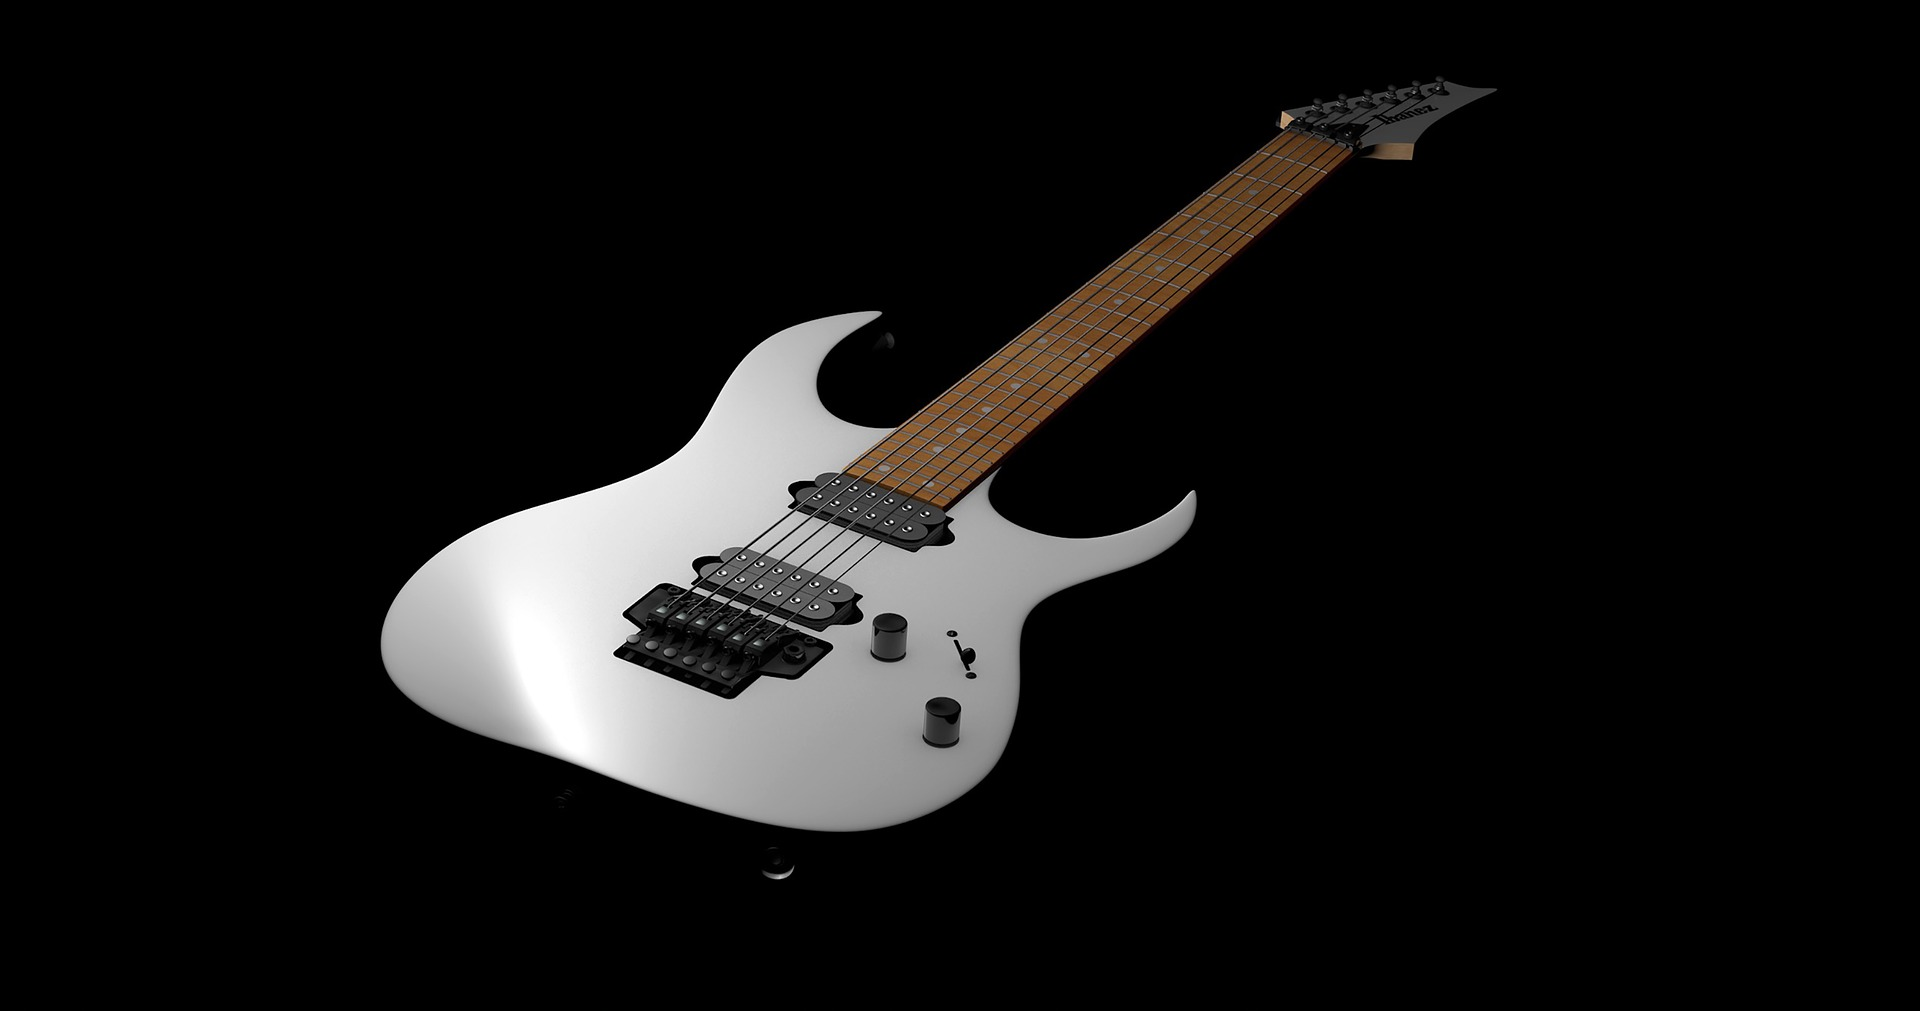 guitar-2216068_1920